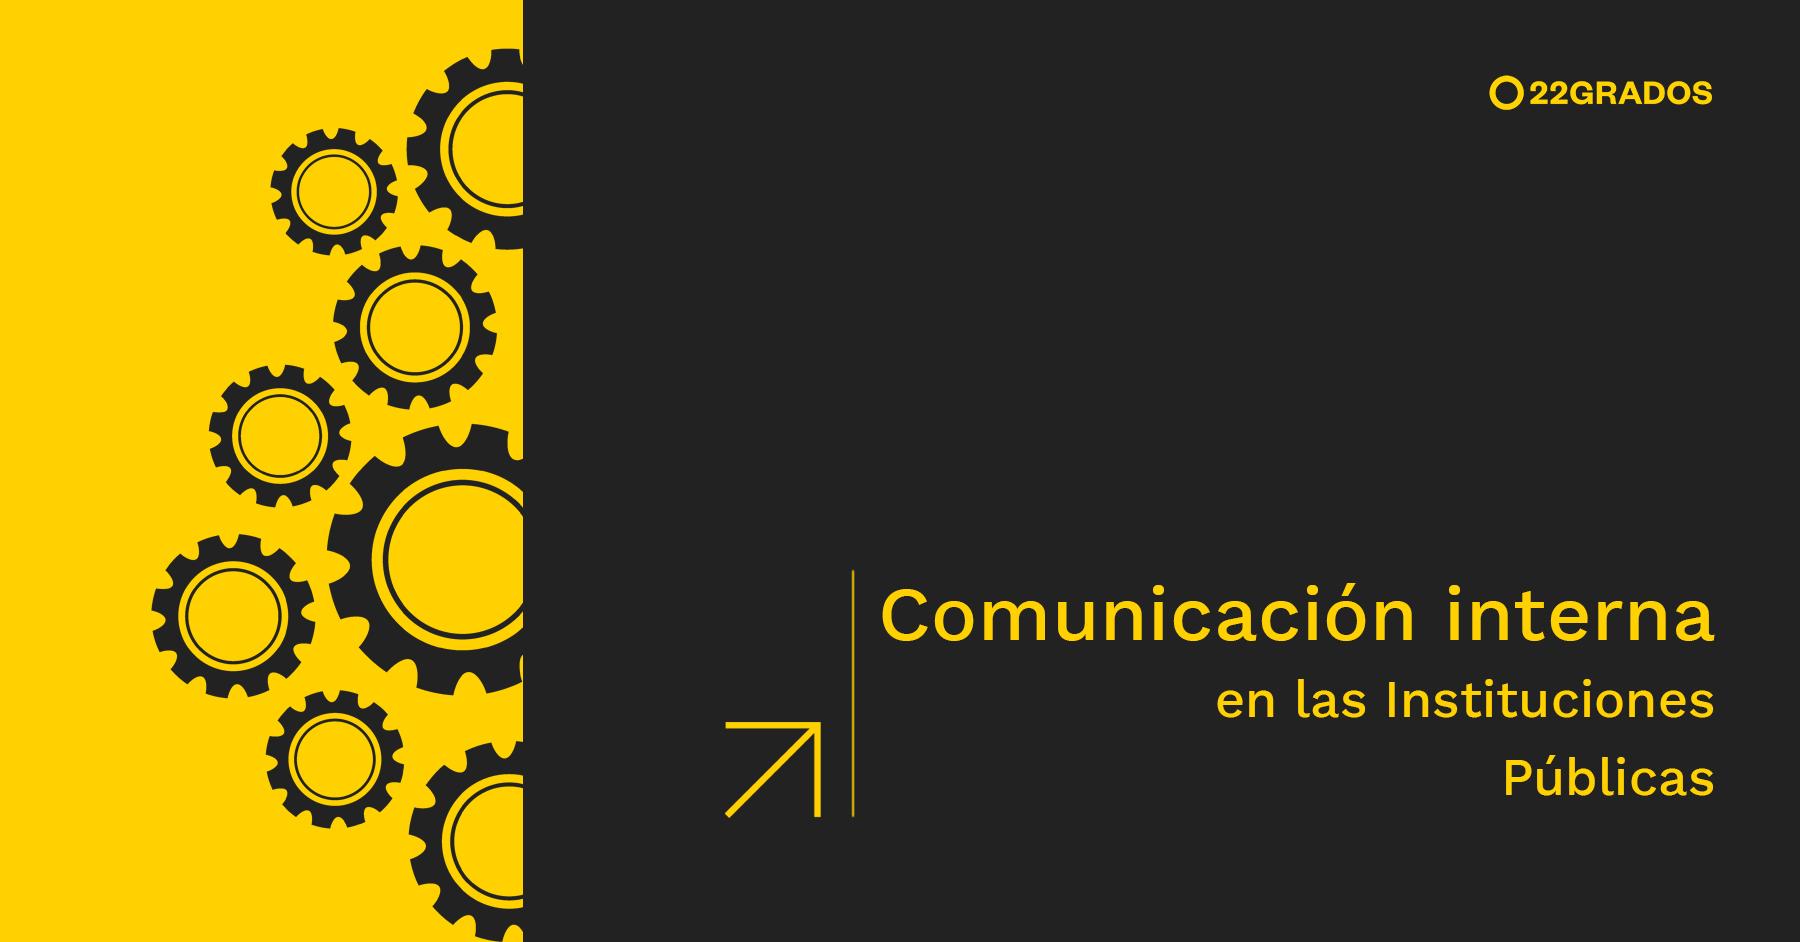 La comunicación interna en las Instituciones Públicas